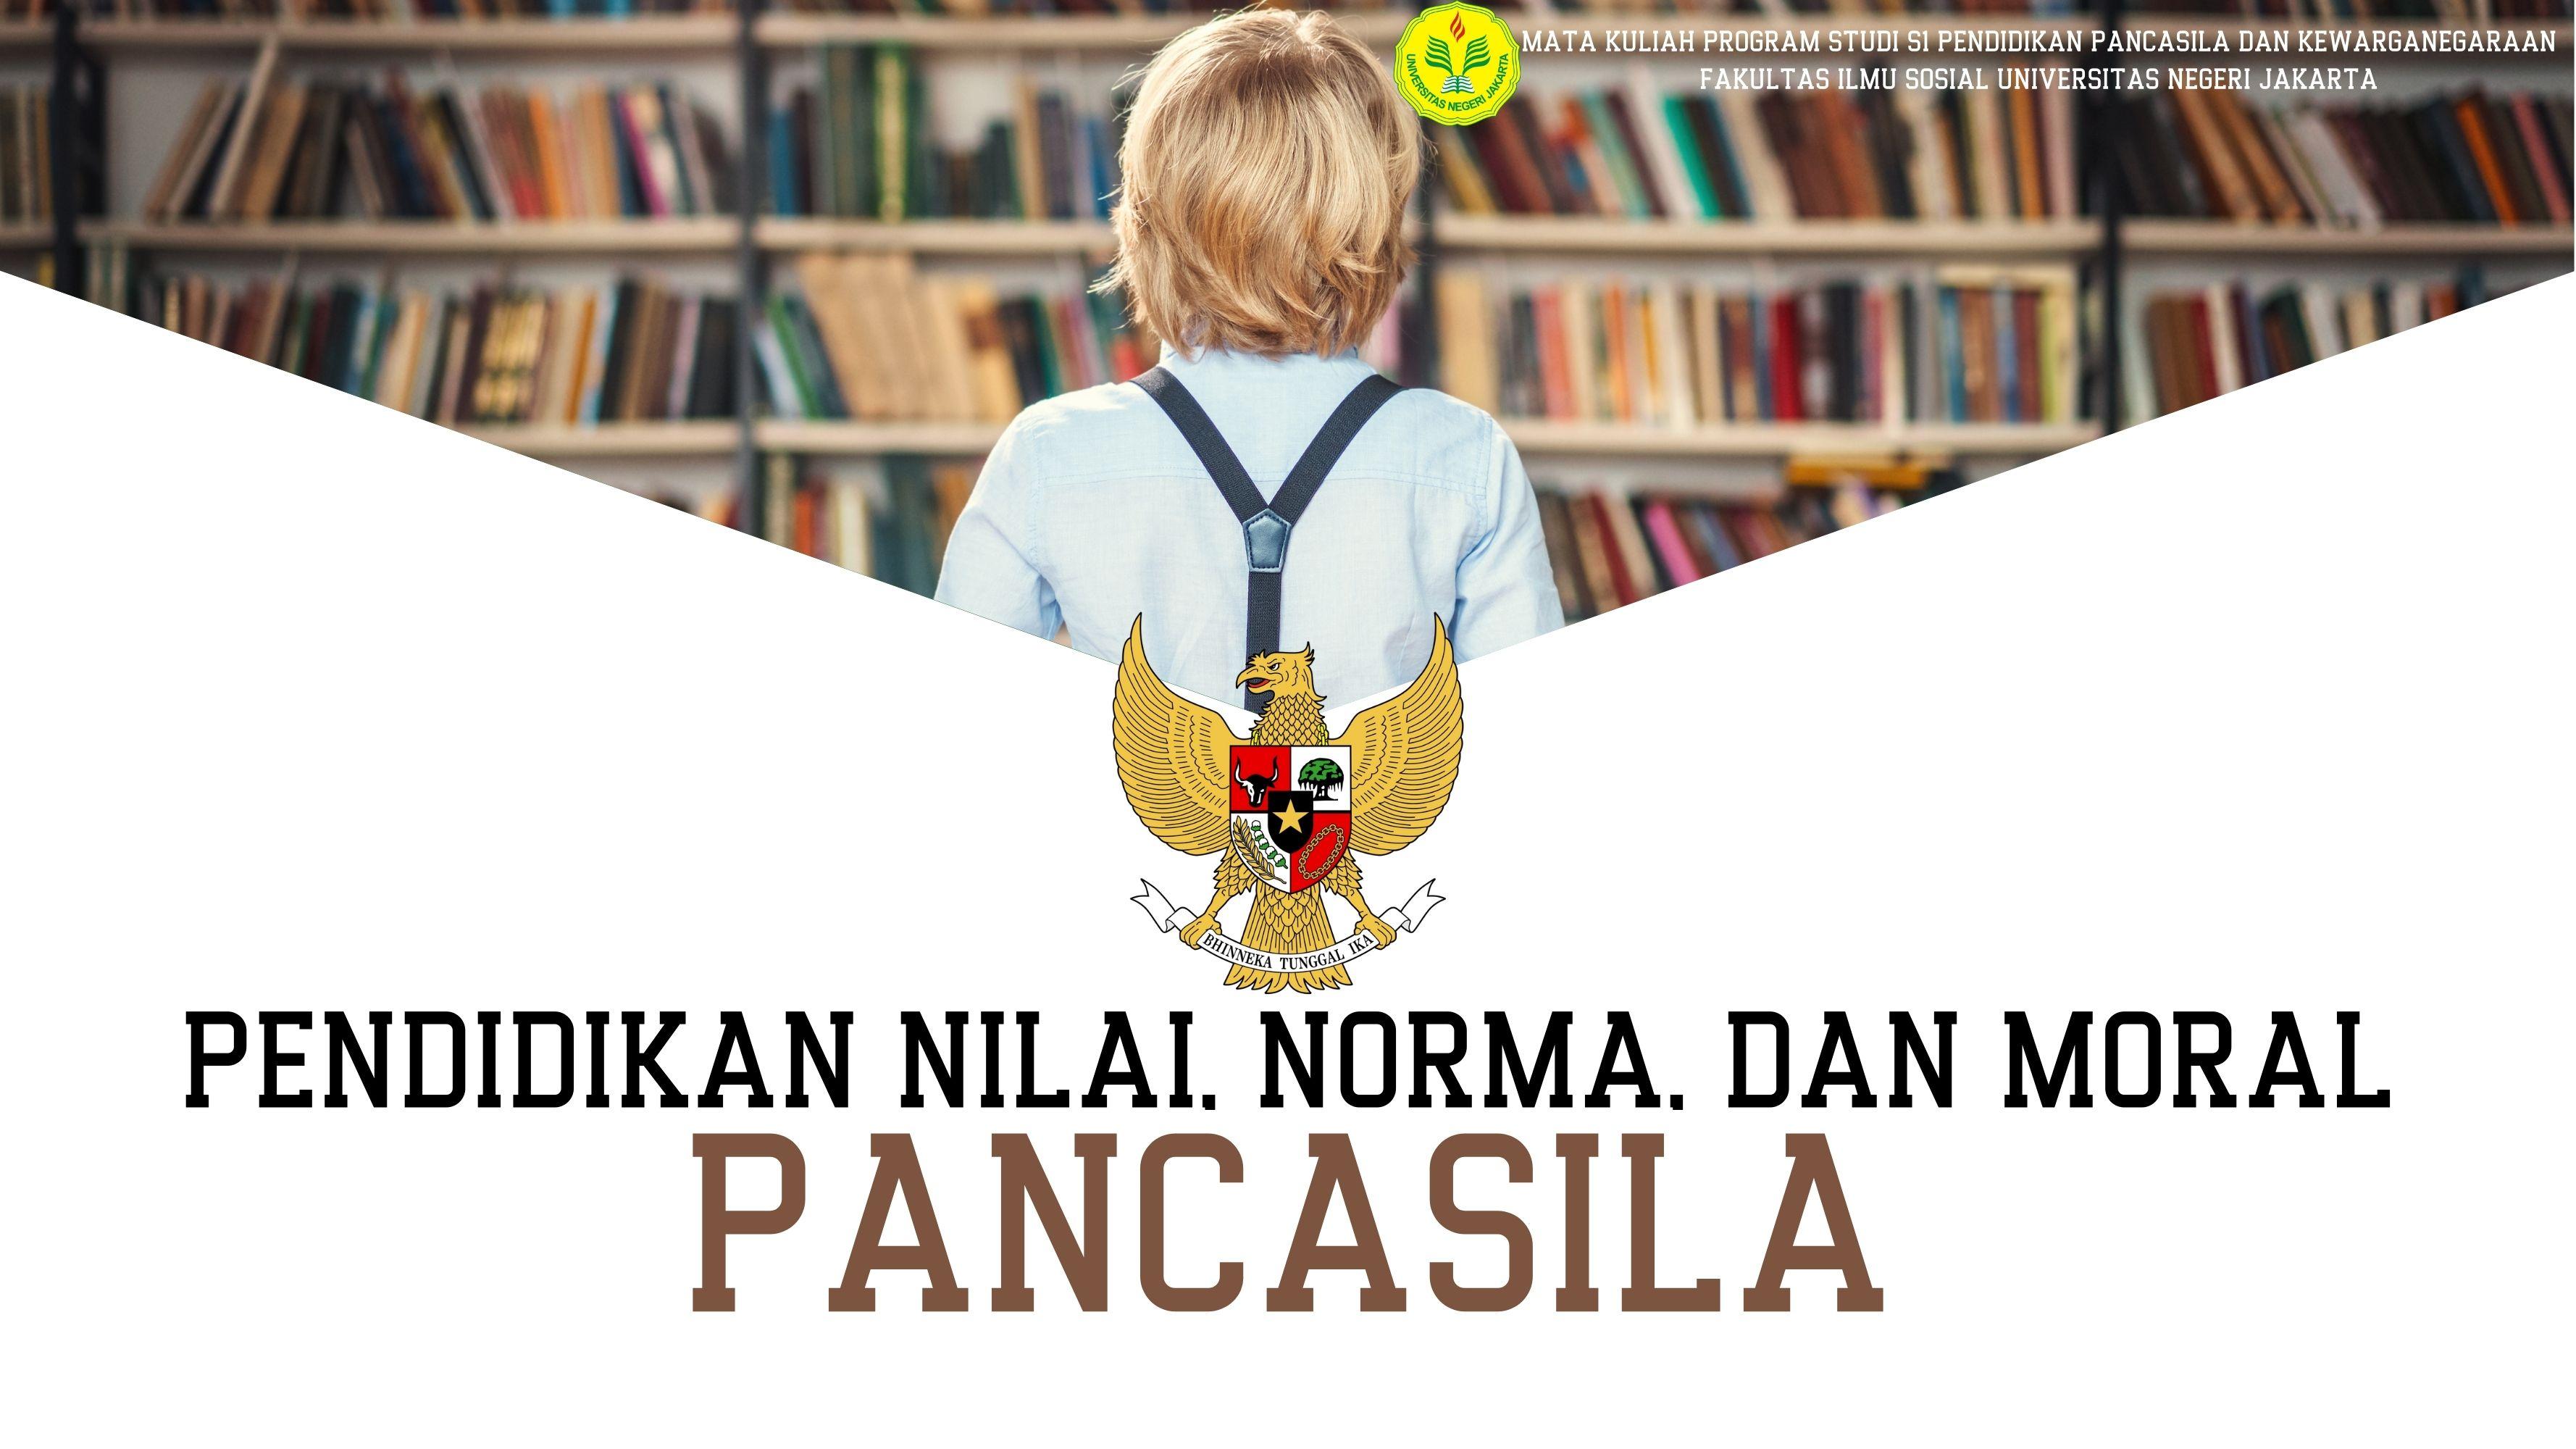 Pendidikan Nilai, Norma, dan Moral Pancasila - PPKN 2019 B